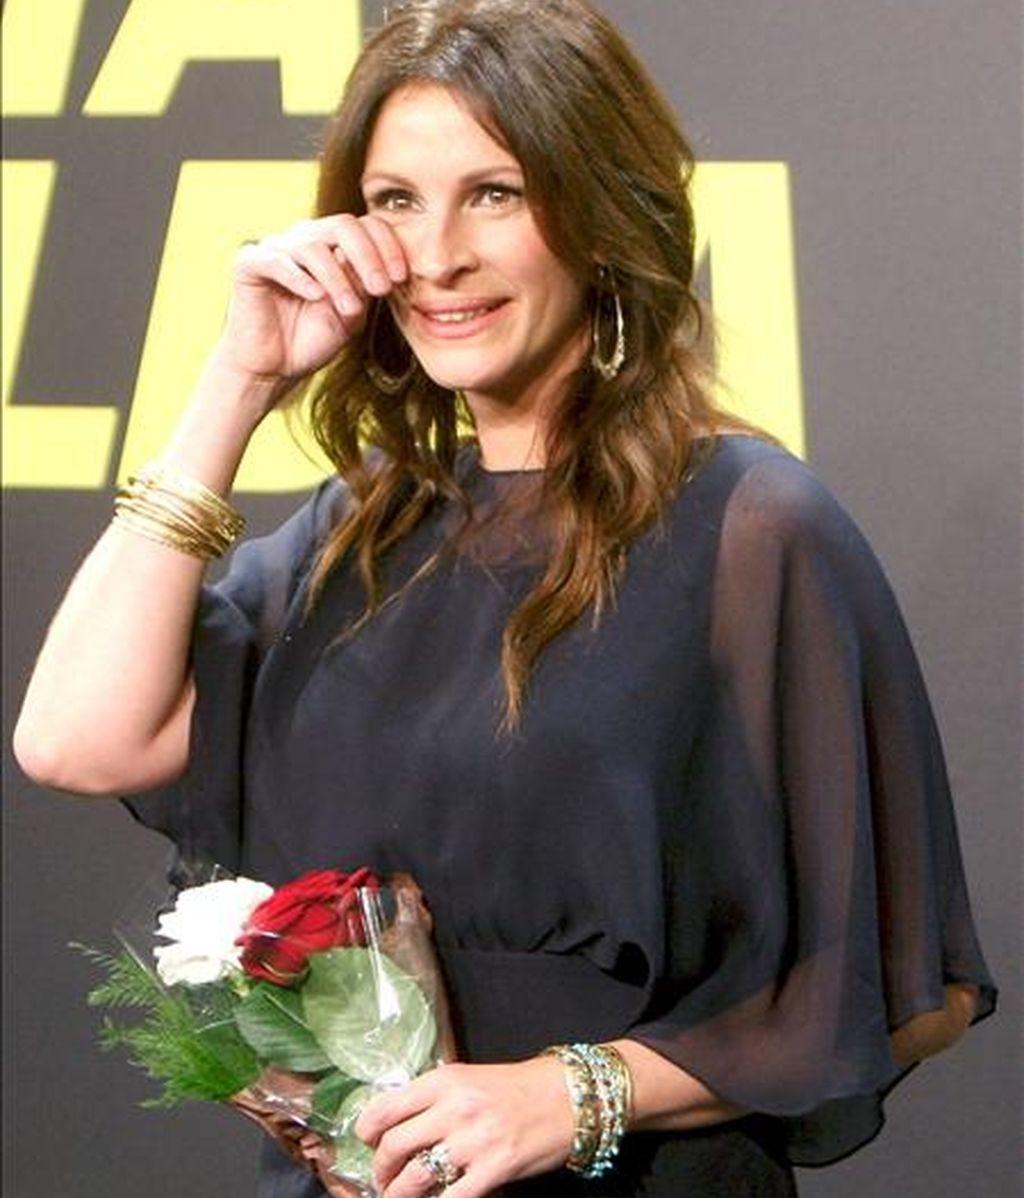 La actriz estadounidense Julia Roberts momentos antes de recoger, el pasado lunes,  el premio Donostia 2010, en reconocimiento a su carrera, durante la 58 edición del Festival Internacional de Cine de San Sebastián. EFE